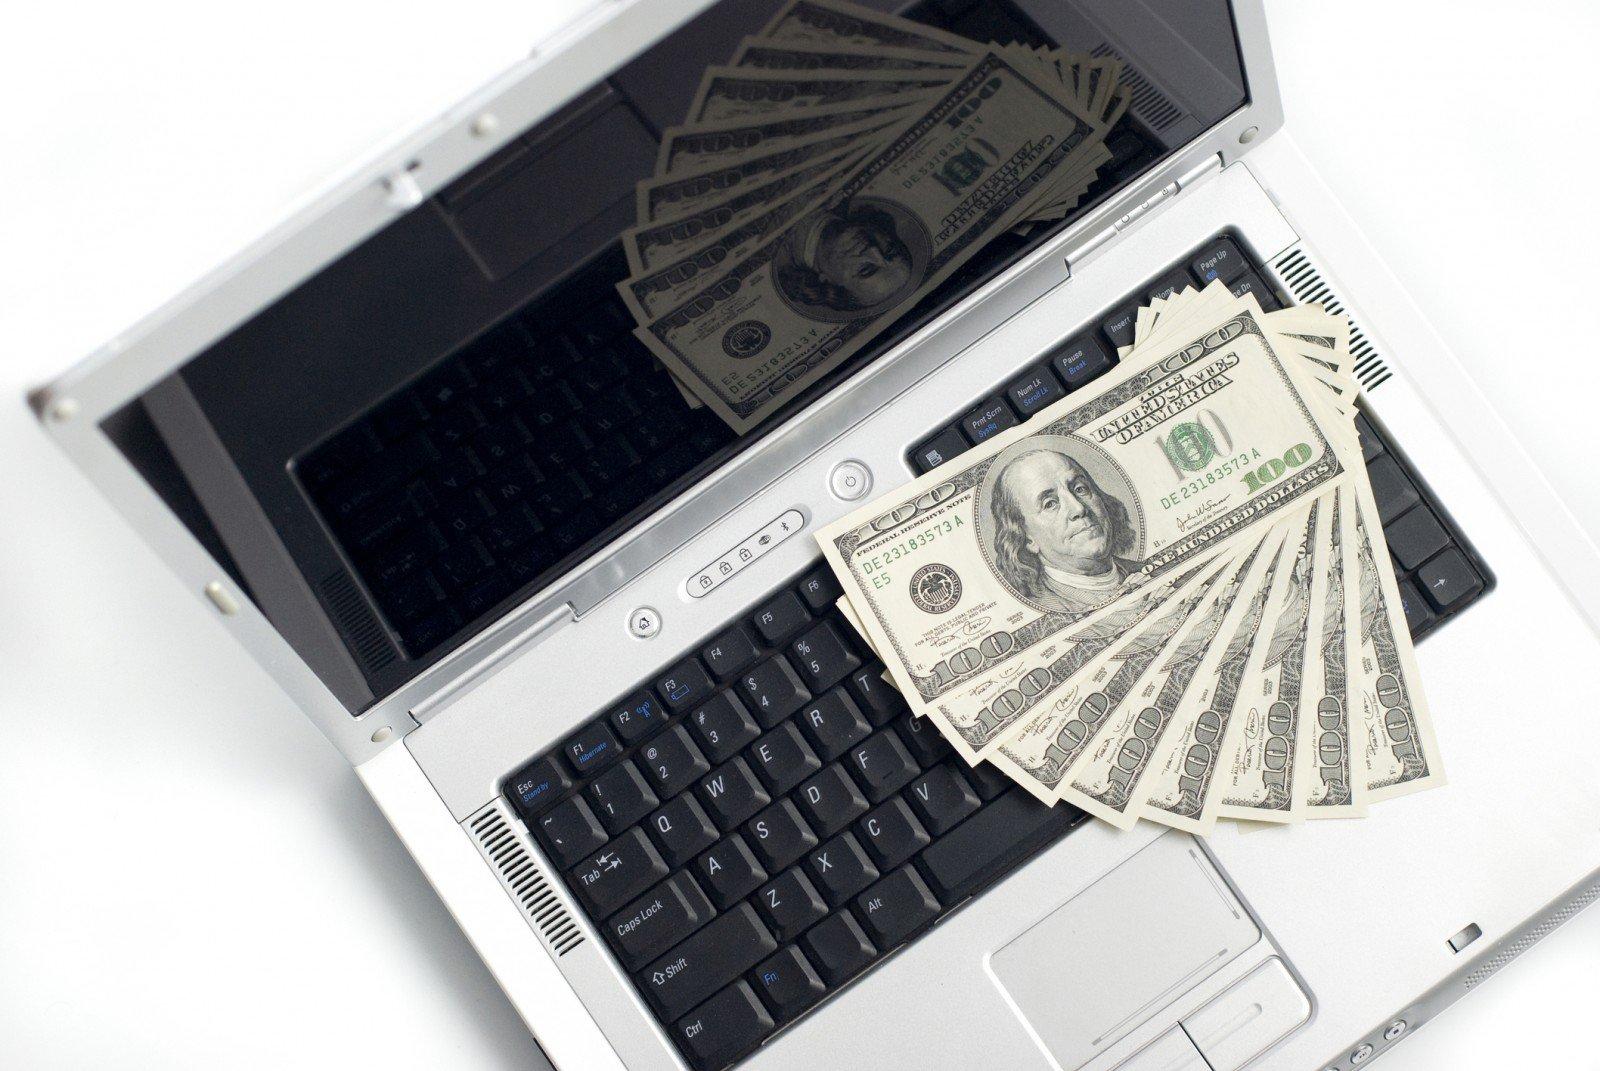 قوانین حاکم بر سایت همکاری در فروش پارت کلیک